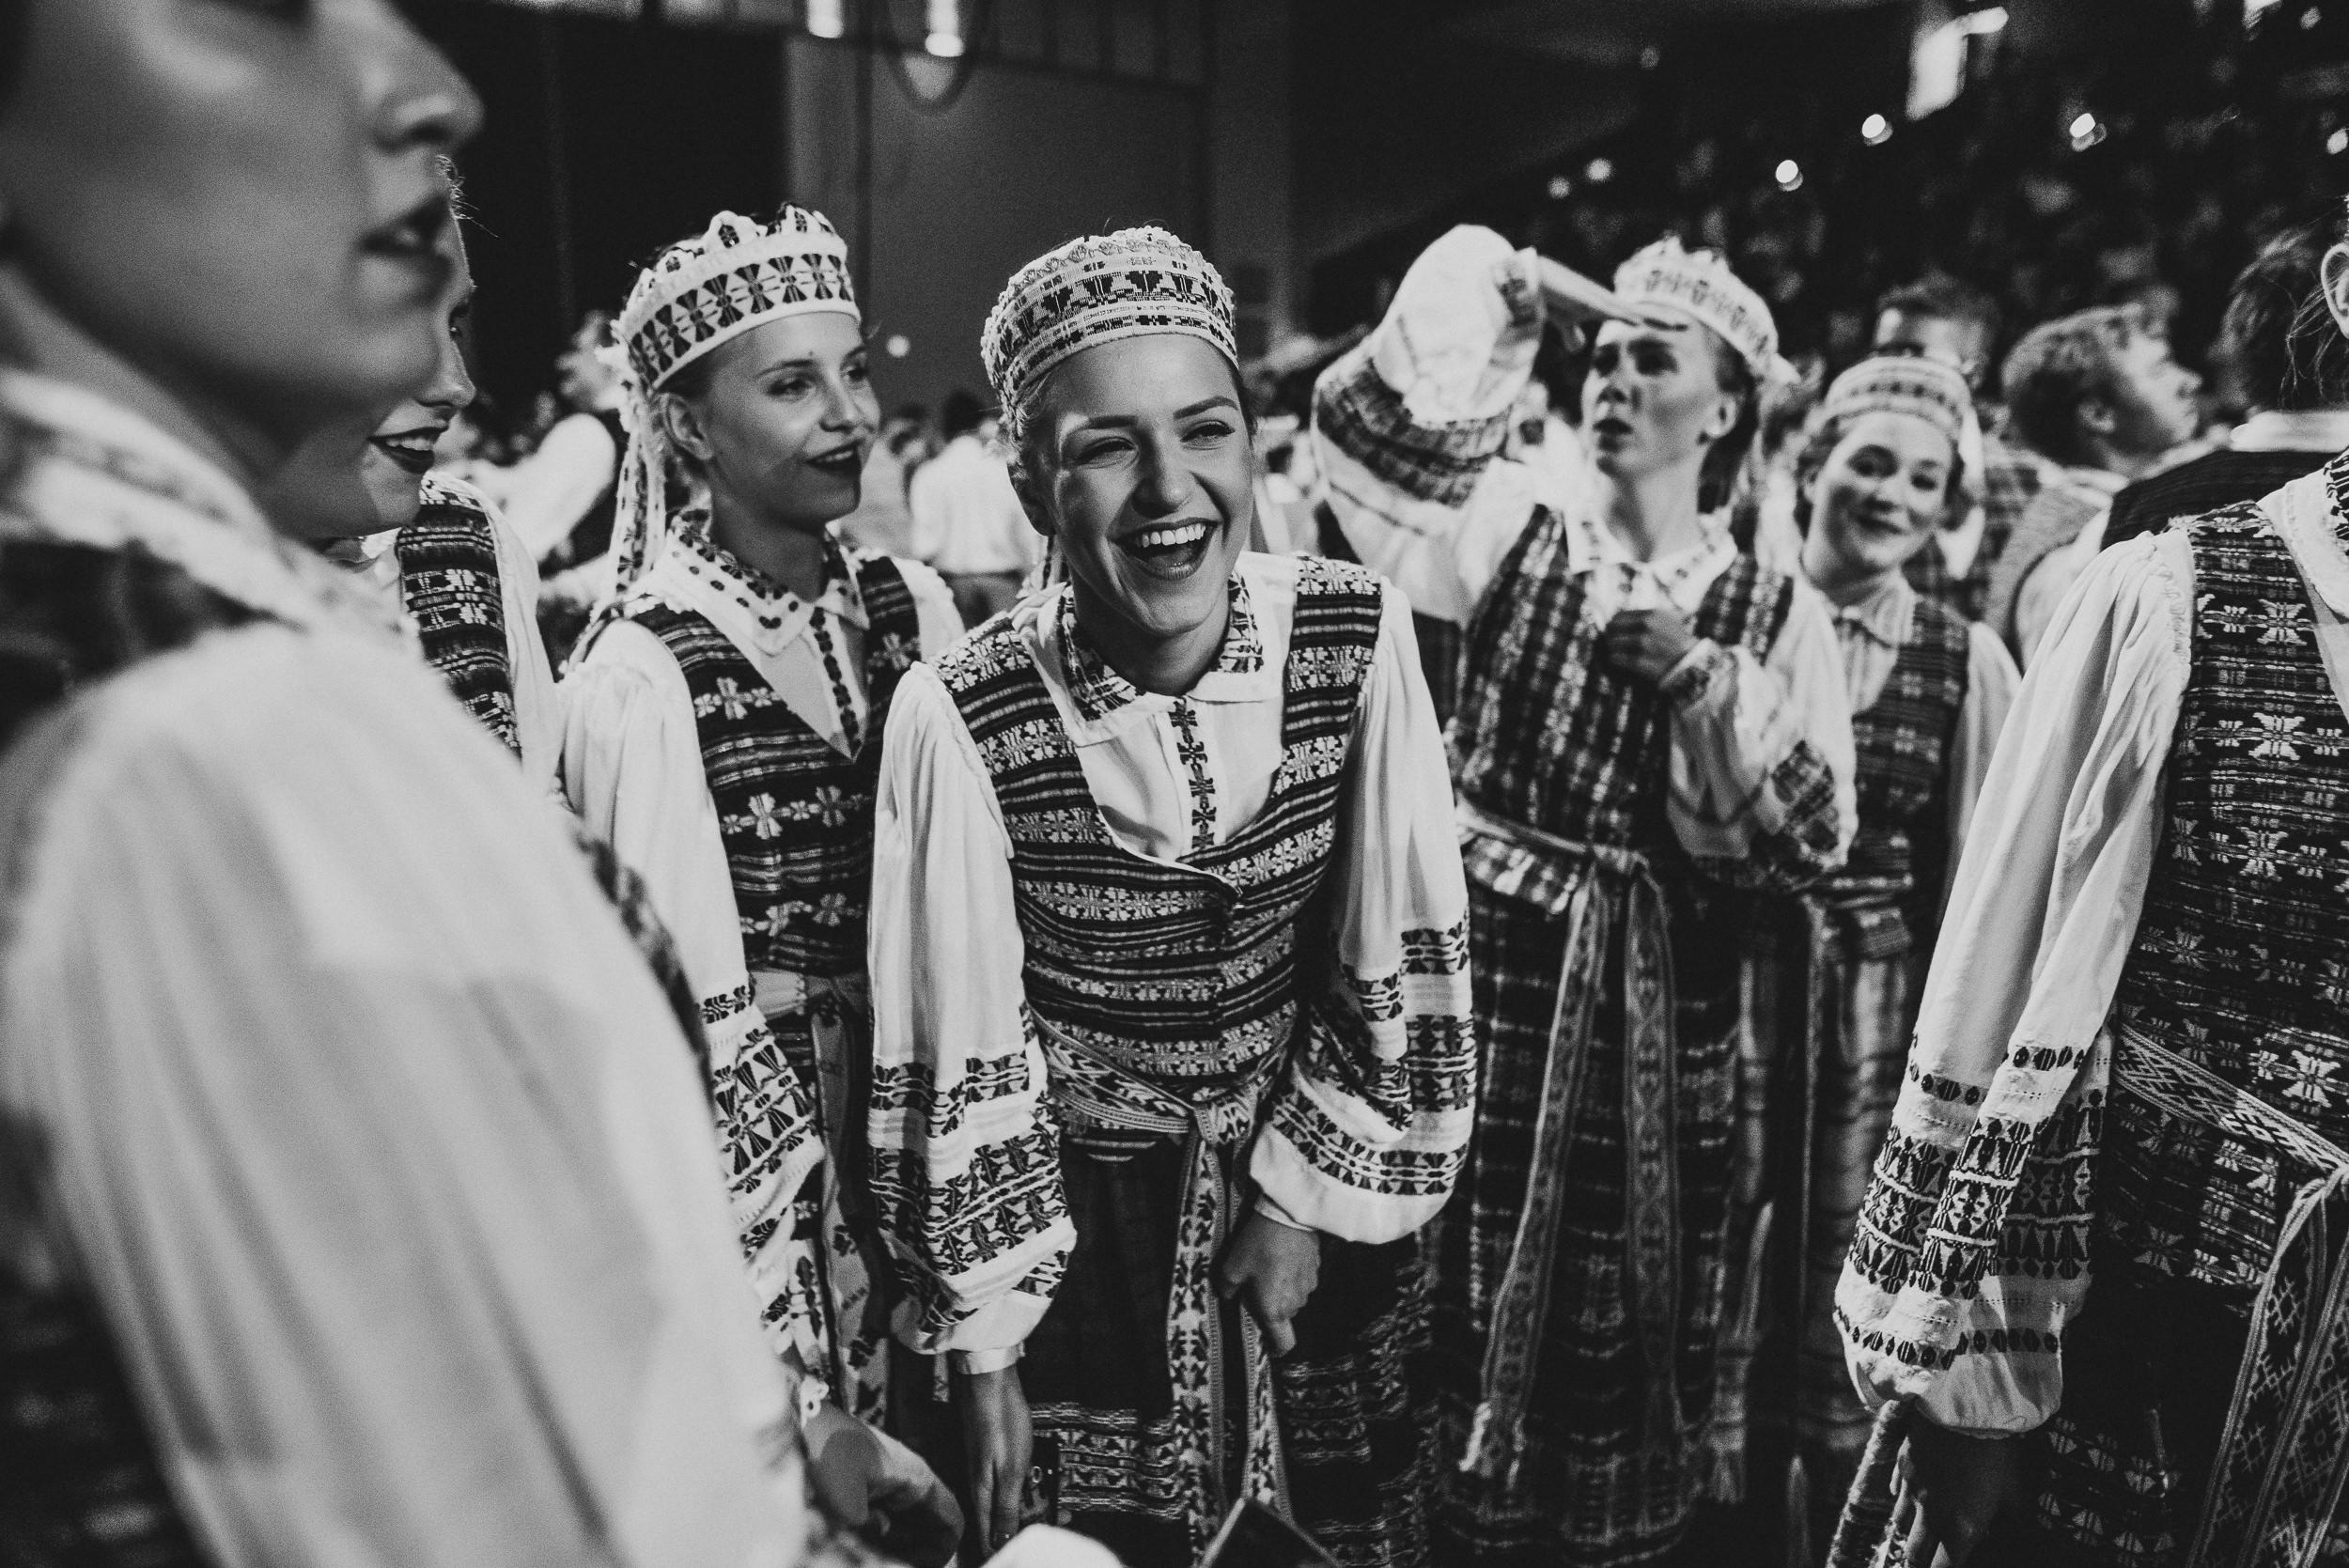 Sokiu Svente 2016 Photographer Mantas Kubilinskas-59.jpg